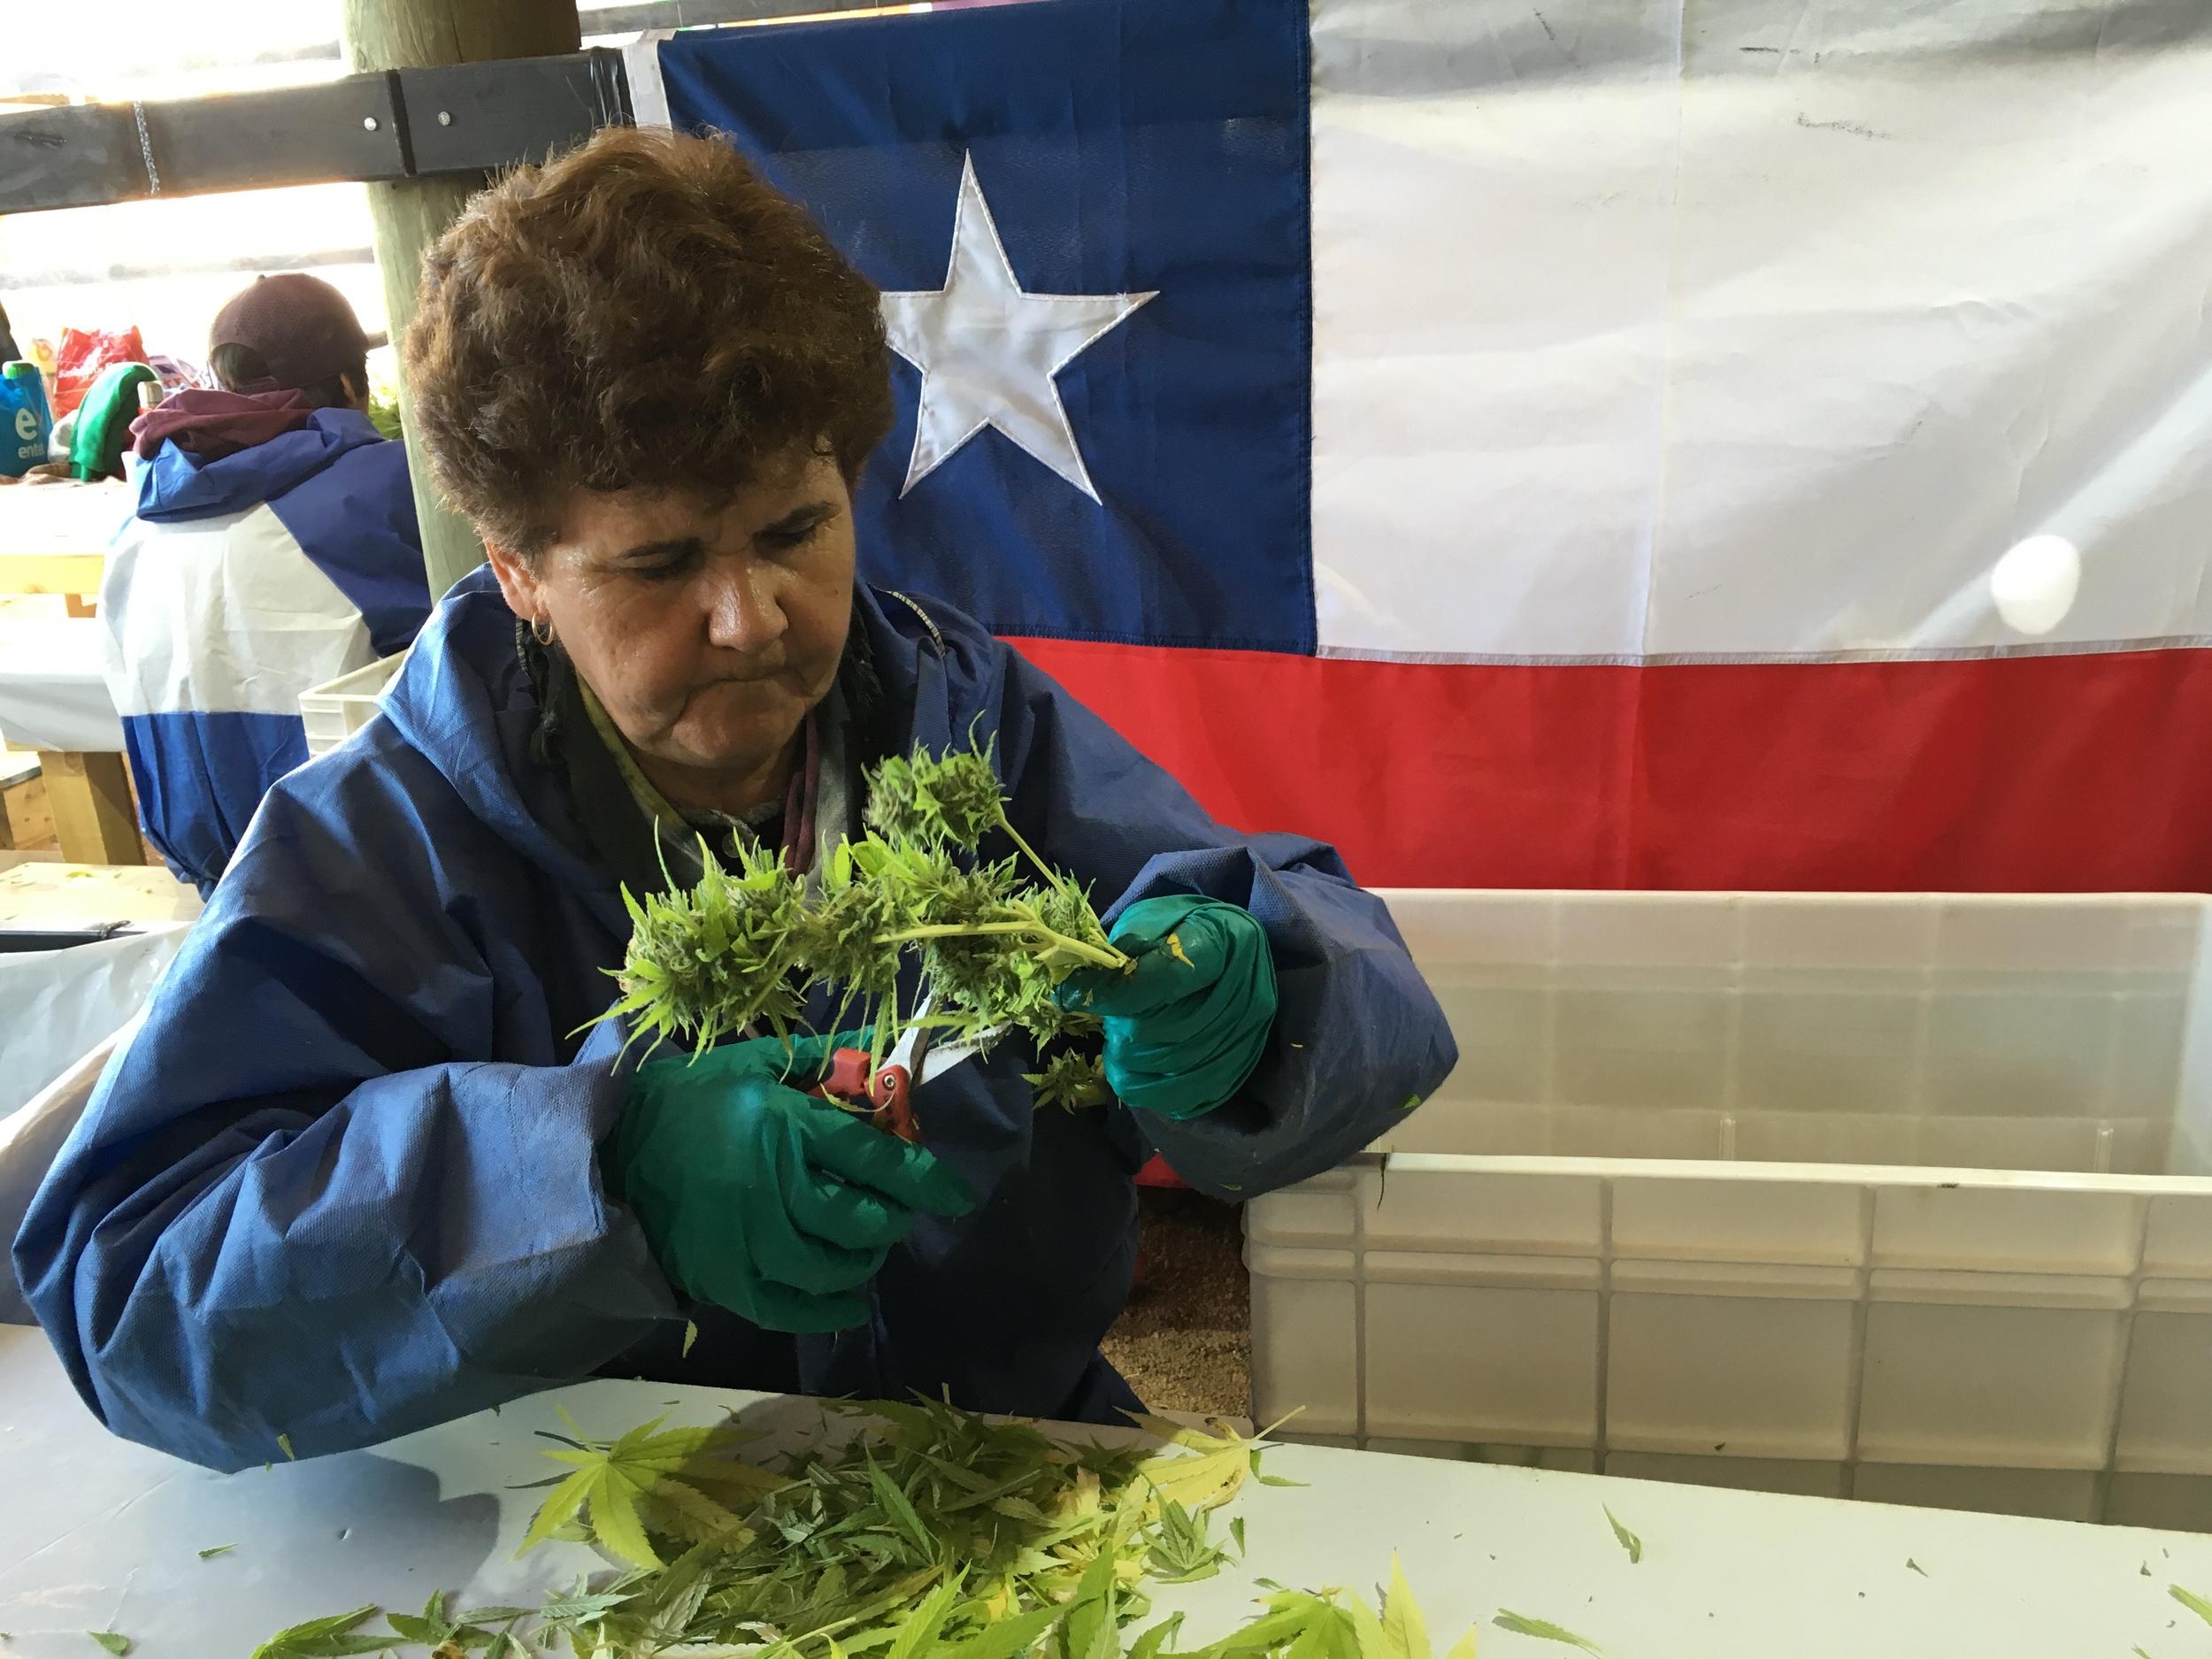 Uma trabalhadora da região de Colbún apara um ramo de cannabis